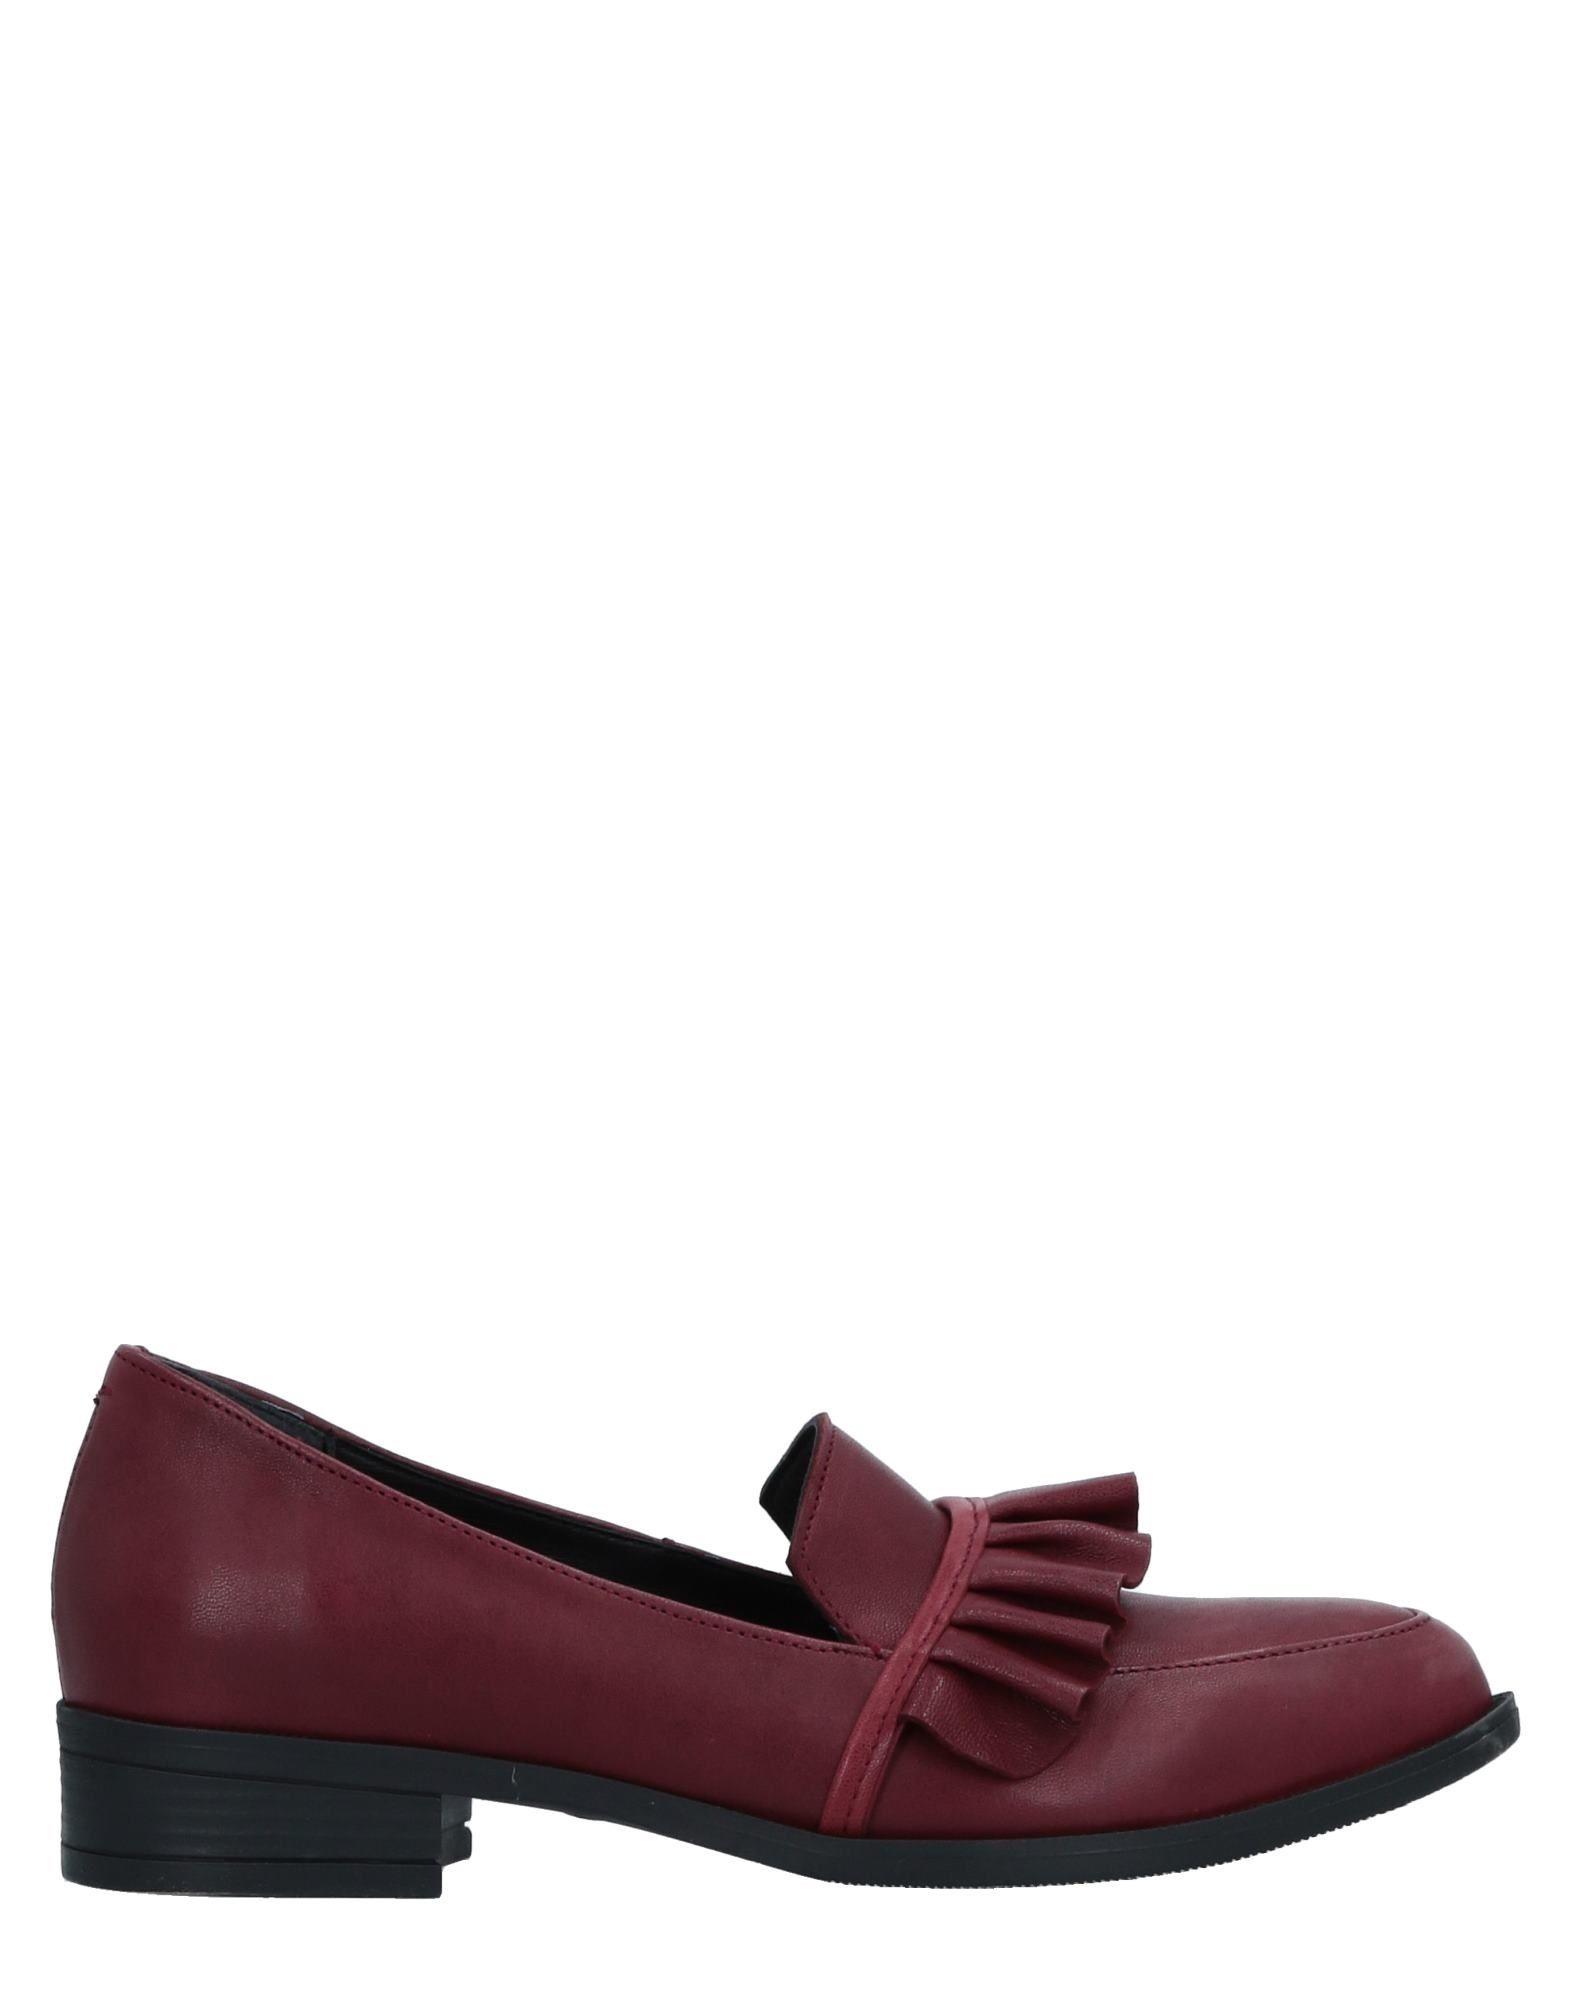 Gaimo Mokassins Damen beliebte  11517335LA Gute Qualität beliebte Damen Schuhe 97d632